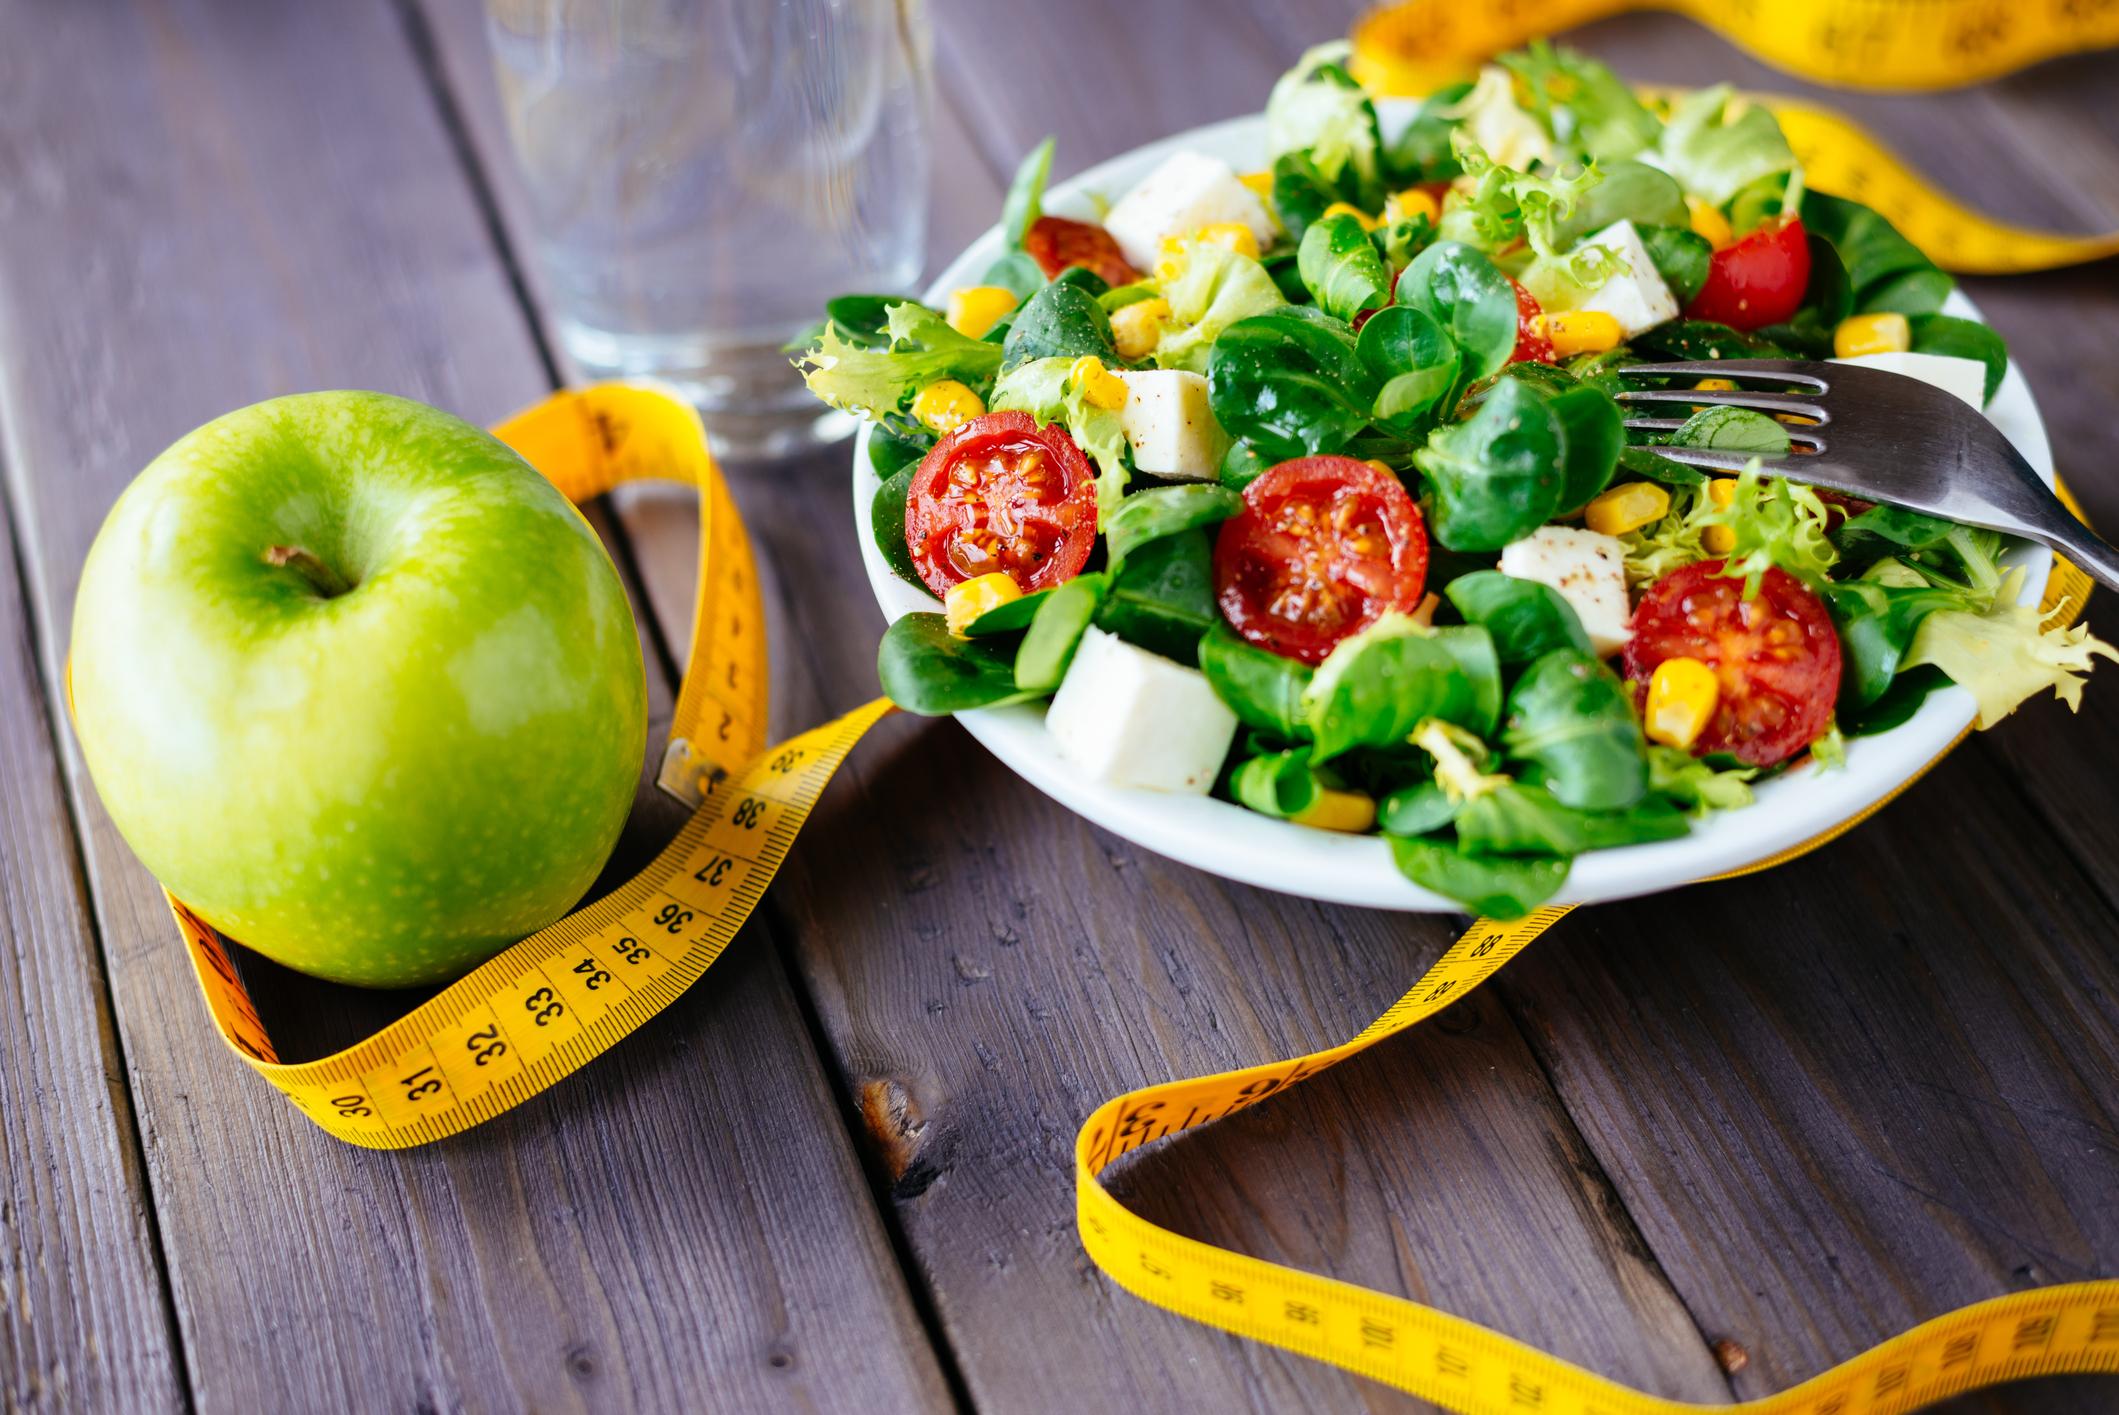 Aprenda como fazer dieta com alimentos da sua casa